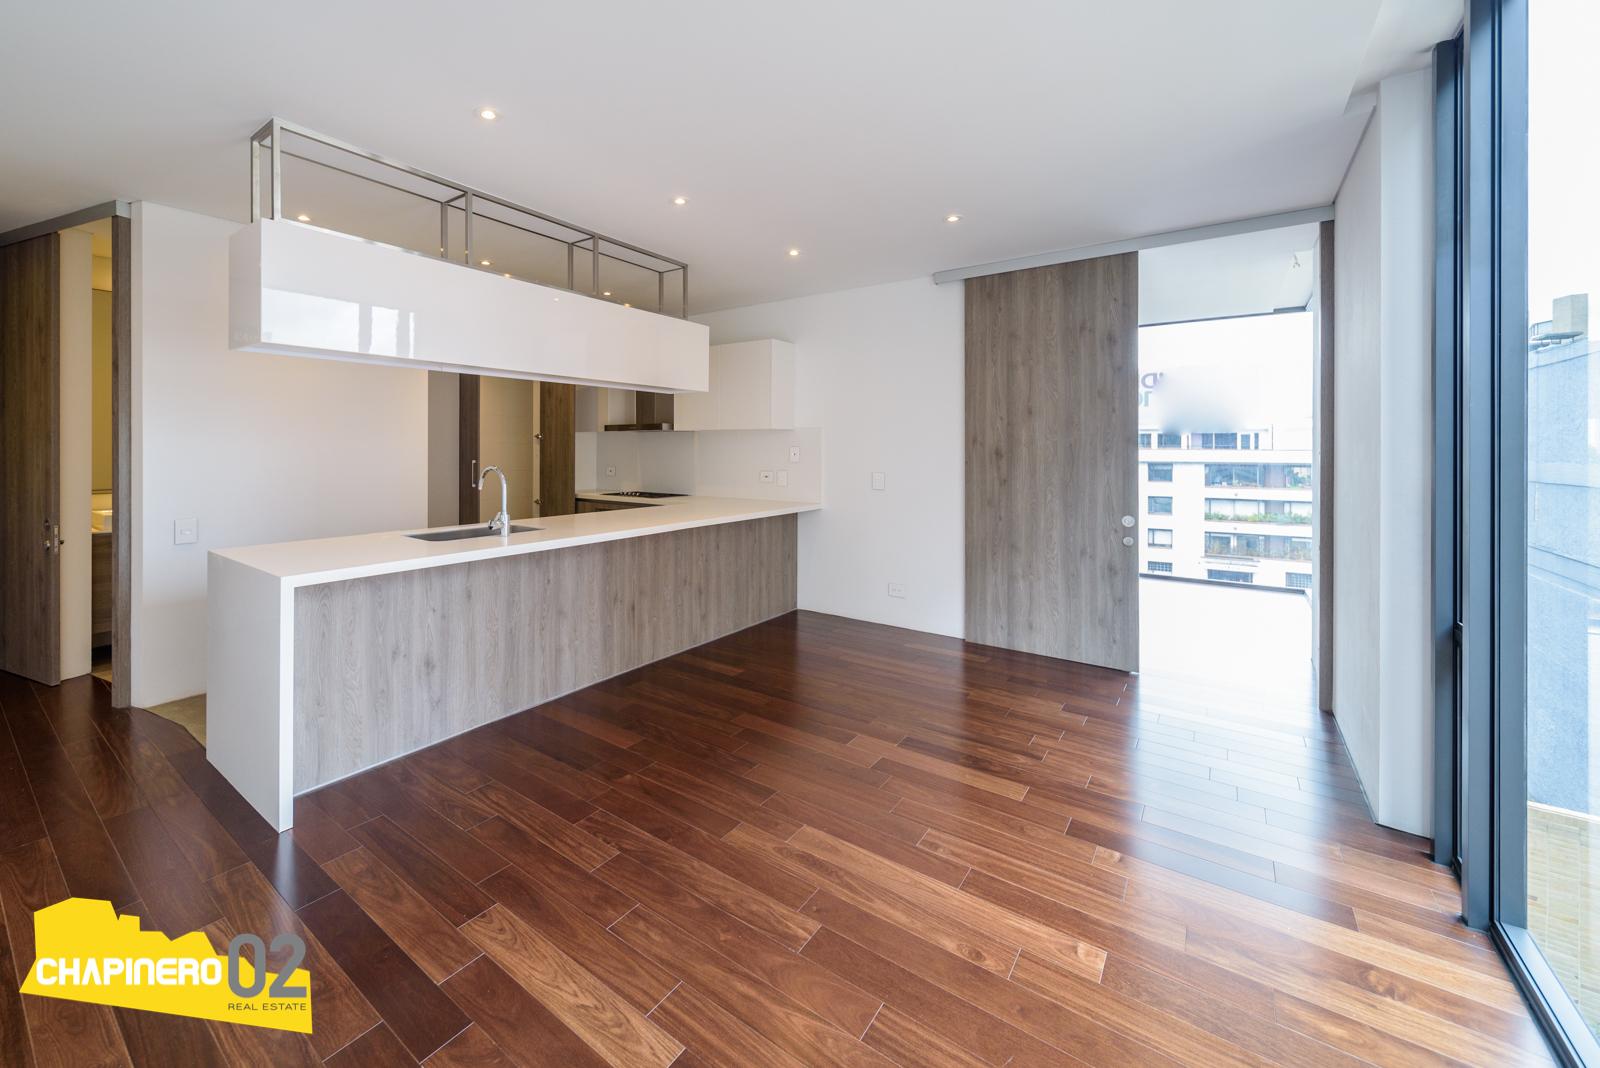 Apto Venta :: 66 m² :: Nogal :: $695 M